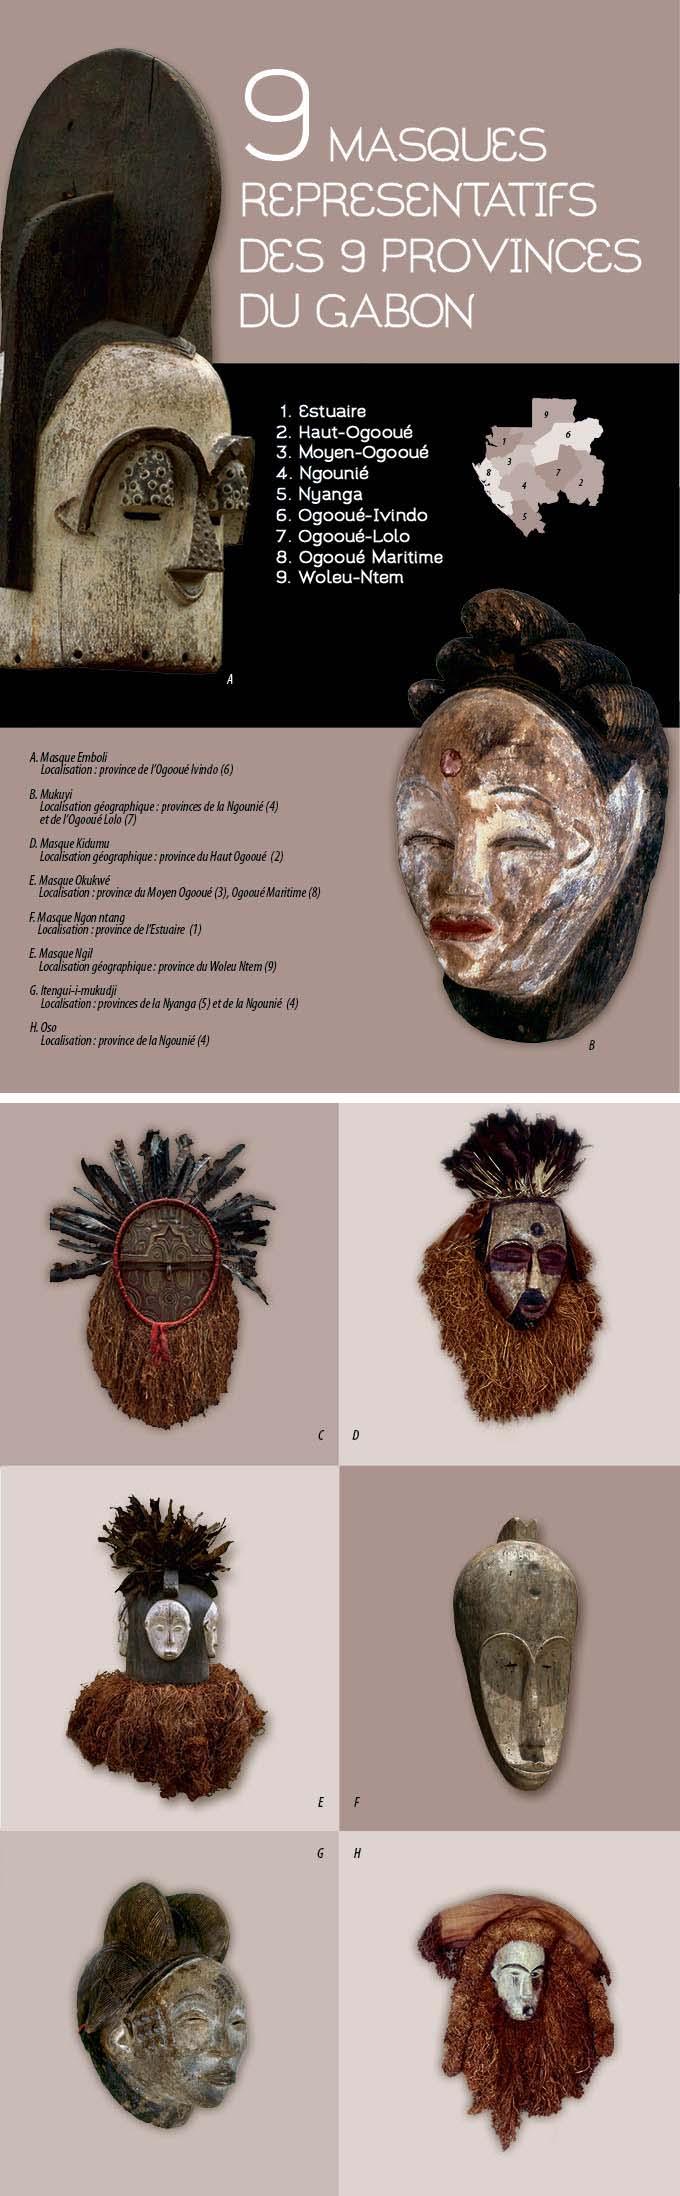 Les masques représentatifs des provinces du Gabon